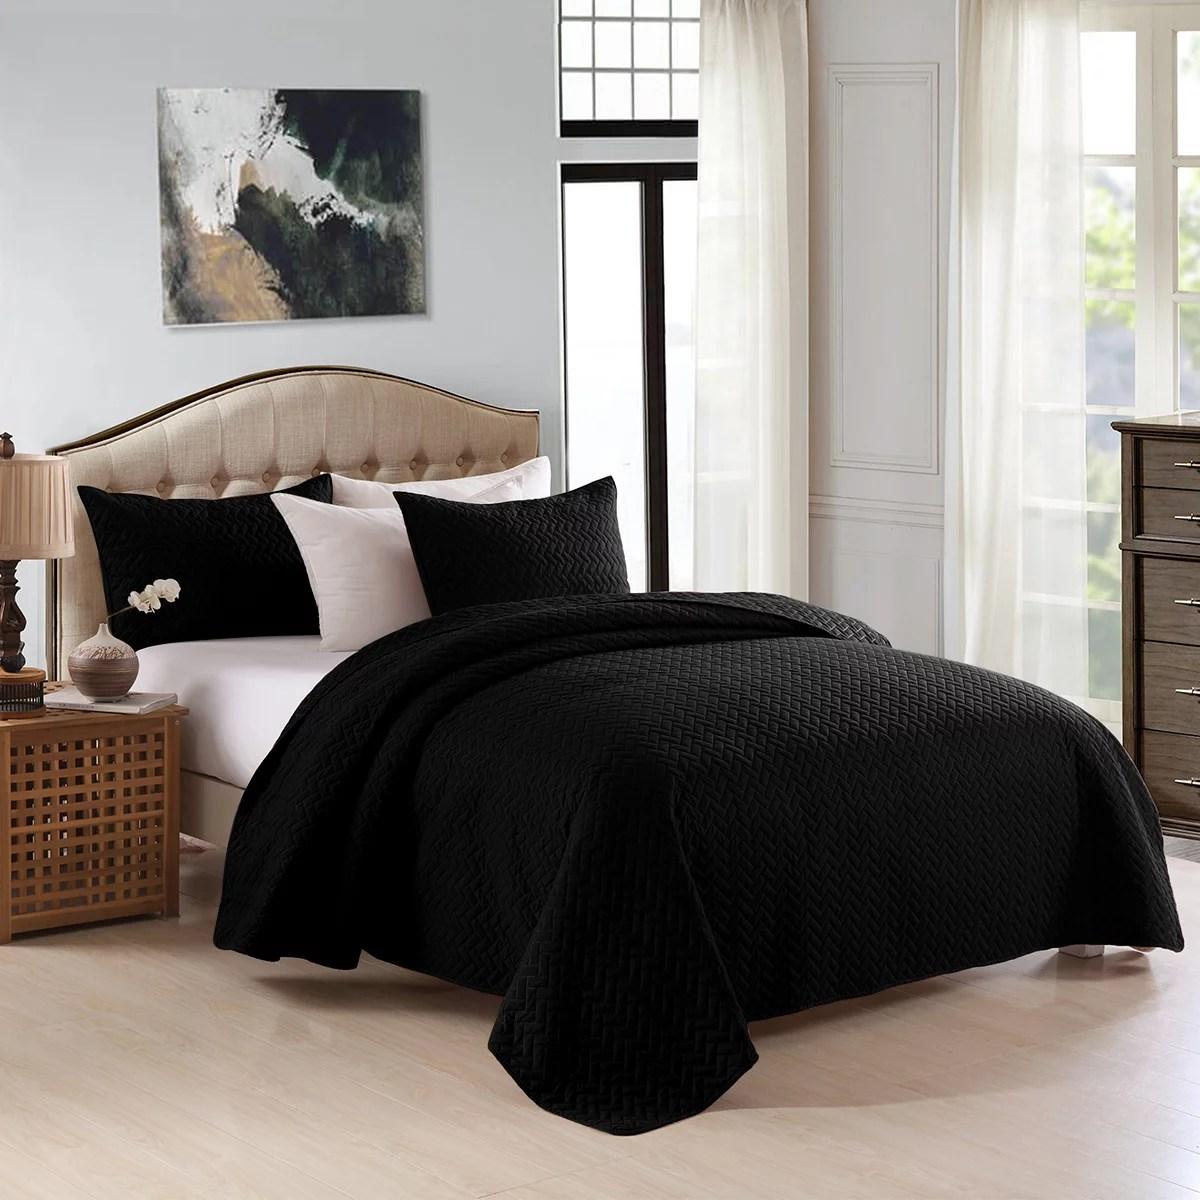 v pattern 3 piece quilt set quilt coverlet bedspread king black